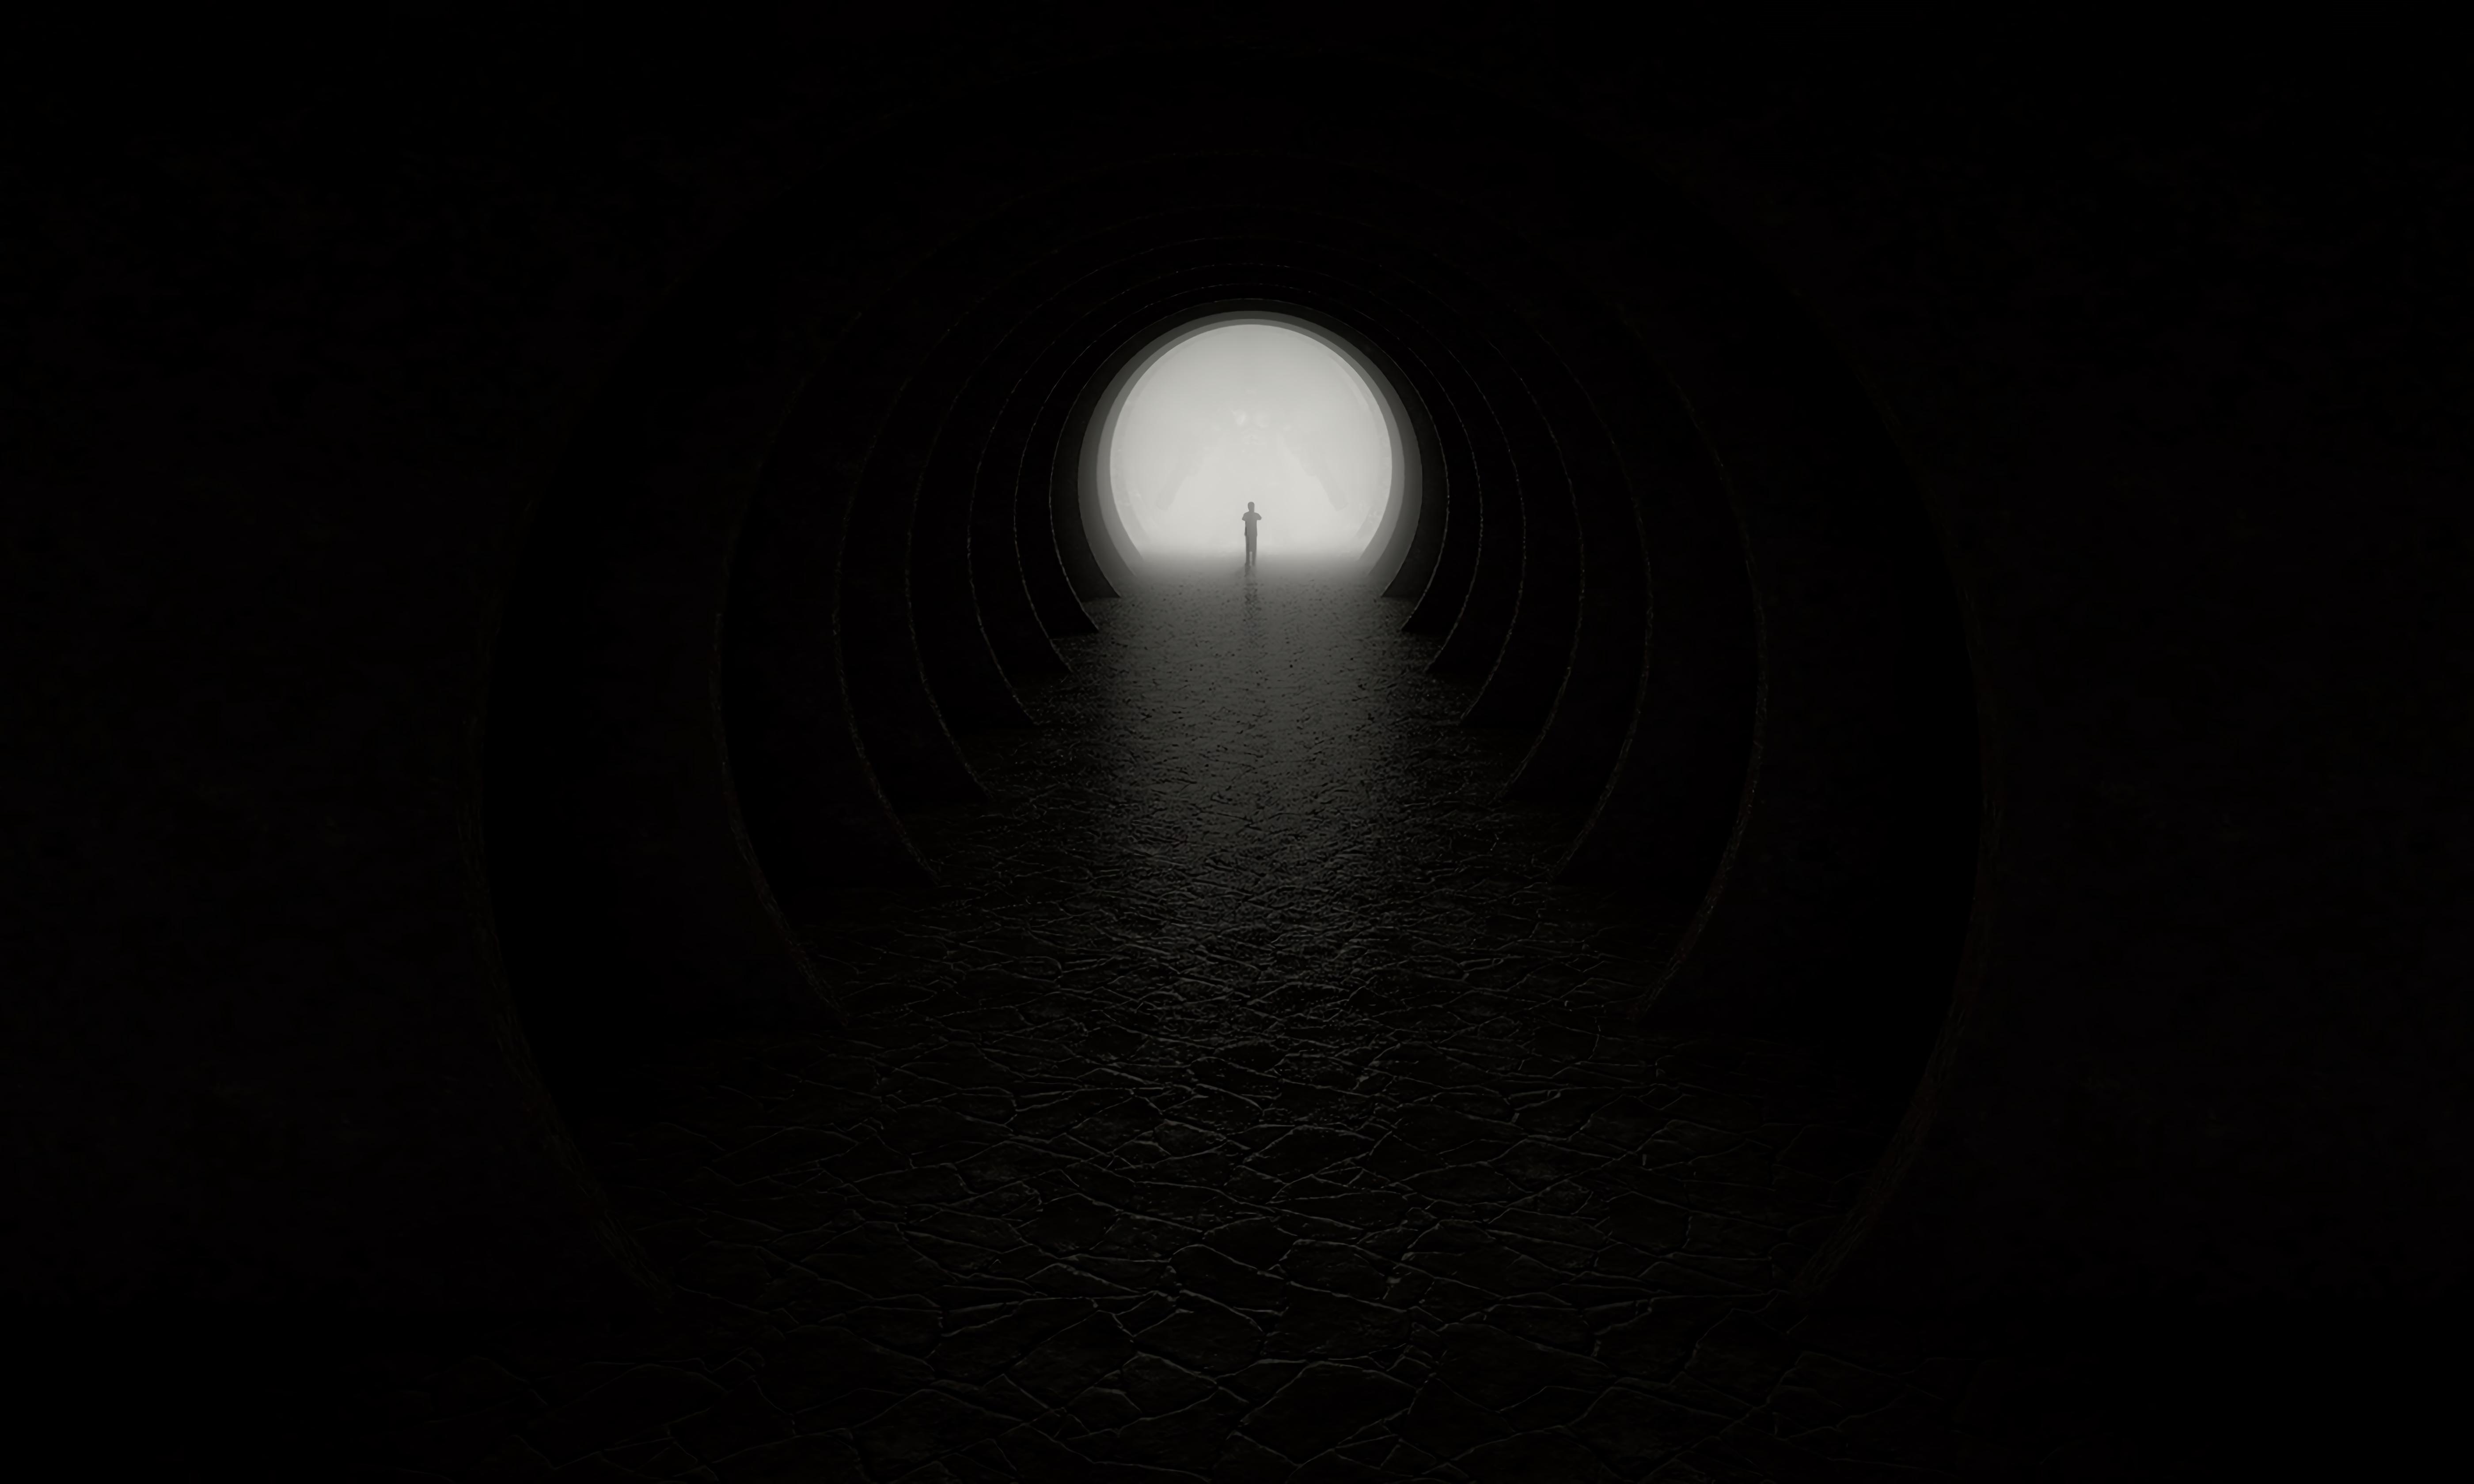 124985 Lade kostenlos Schwarz Hintergrundbilder für dein Handy herunter, Silhouette, Dunkelheit, Ein Kreis, Kreis, Höhle, Ausgabe, Ausfahrt Schwarz Bilder und Bildschirmschoner für dein Handy